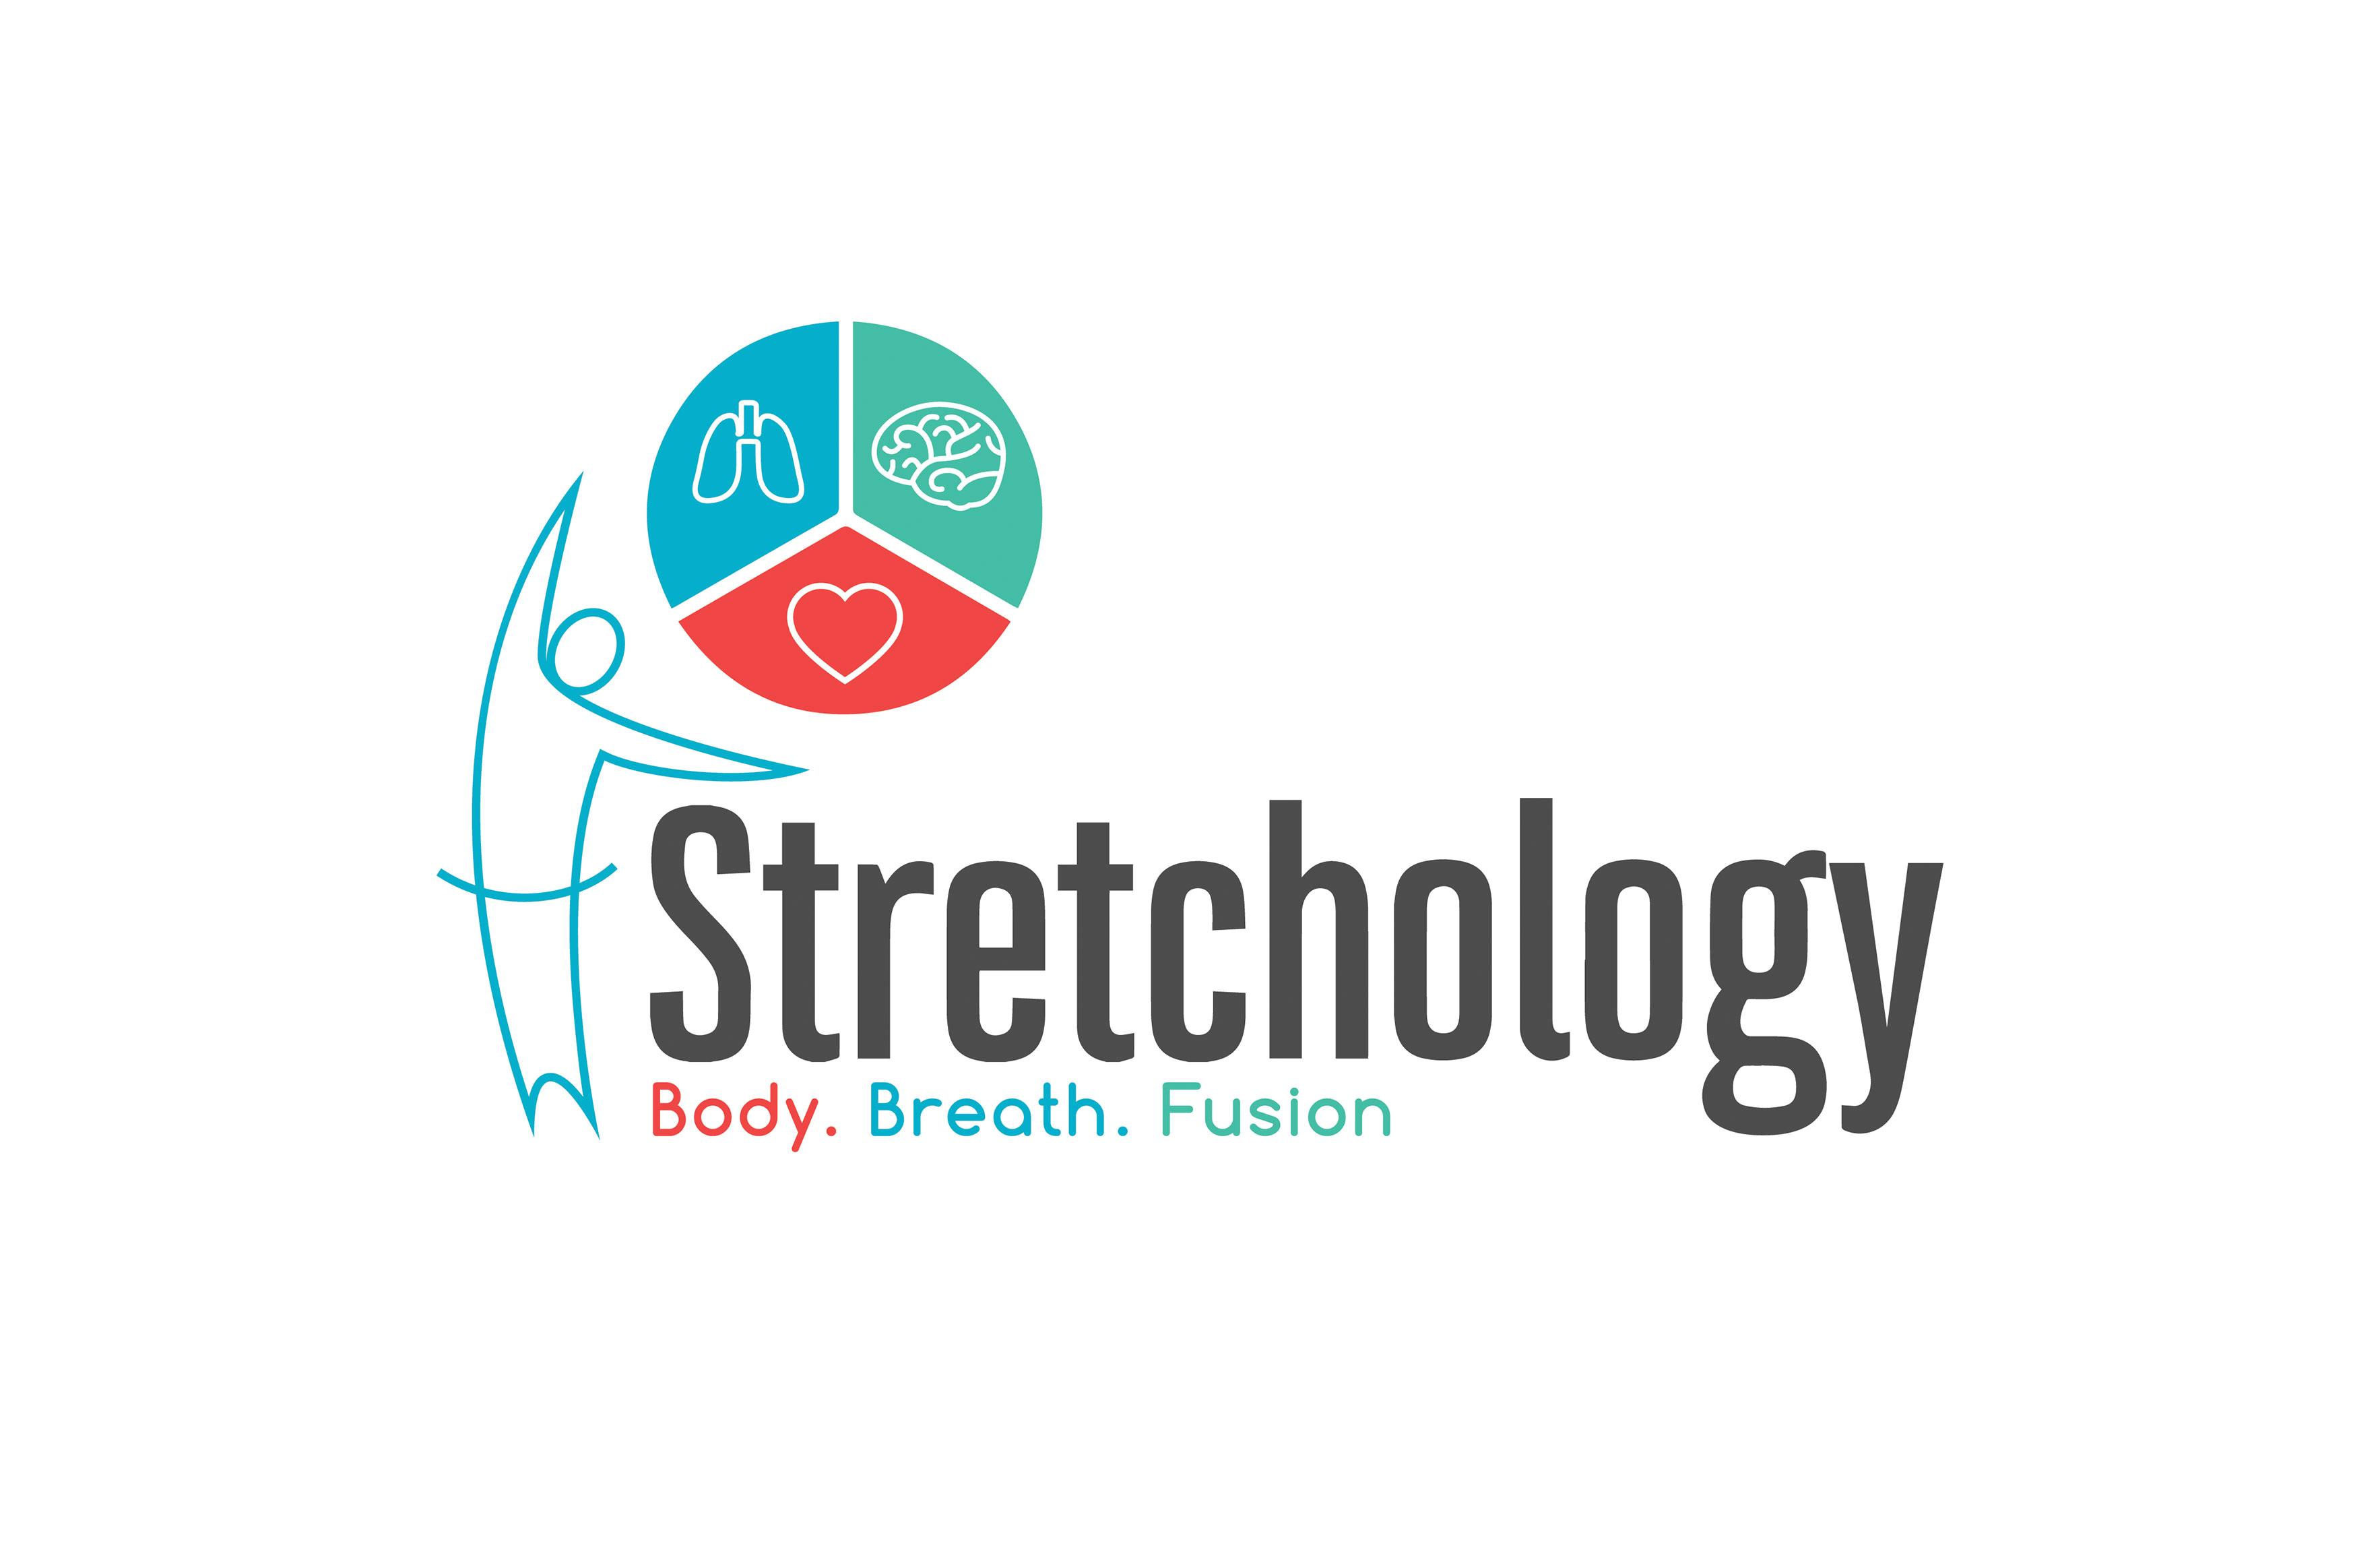 stretchology image